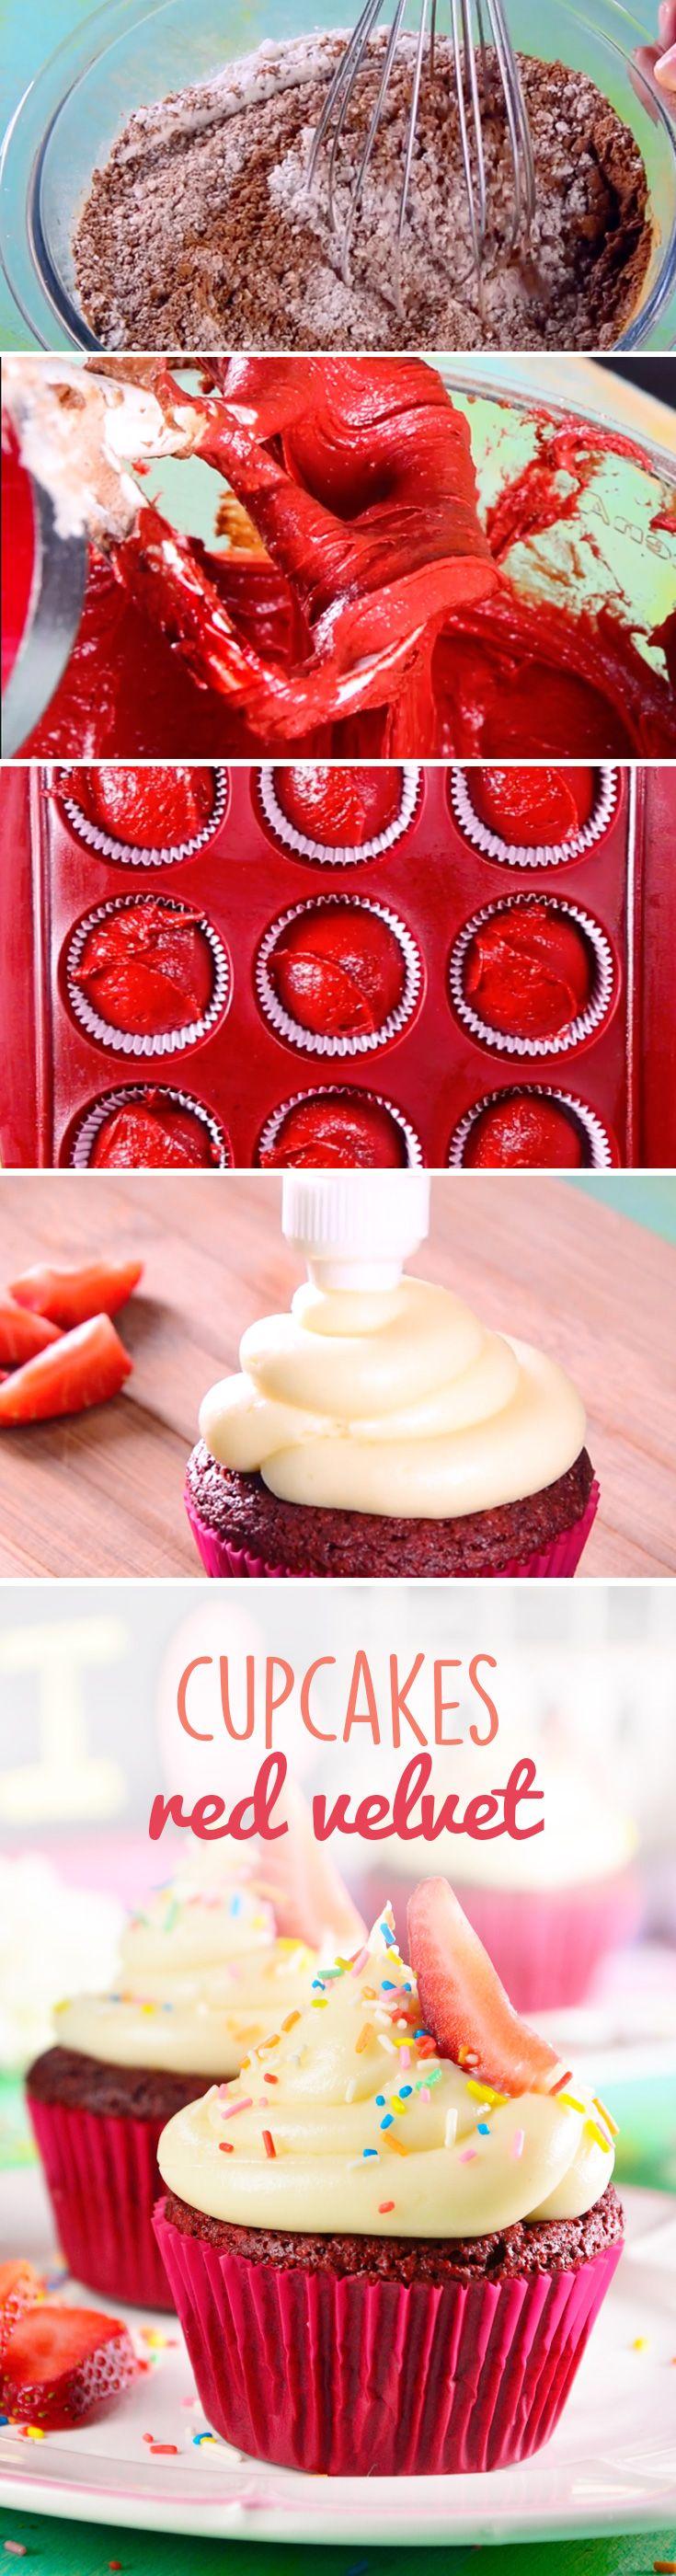 Esta receta de cupcakes red velvet es perfecta para regalar a tus amigos en #sanvalentin o Navidad. El betún de queso y su sabor a chocolate amargo es capaz de enamorar a cualquiera.